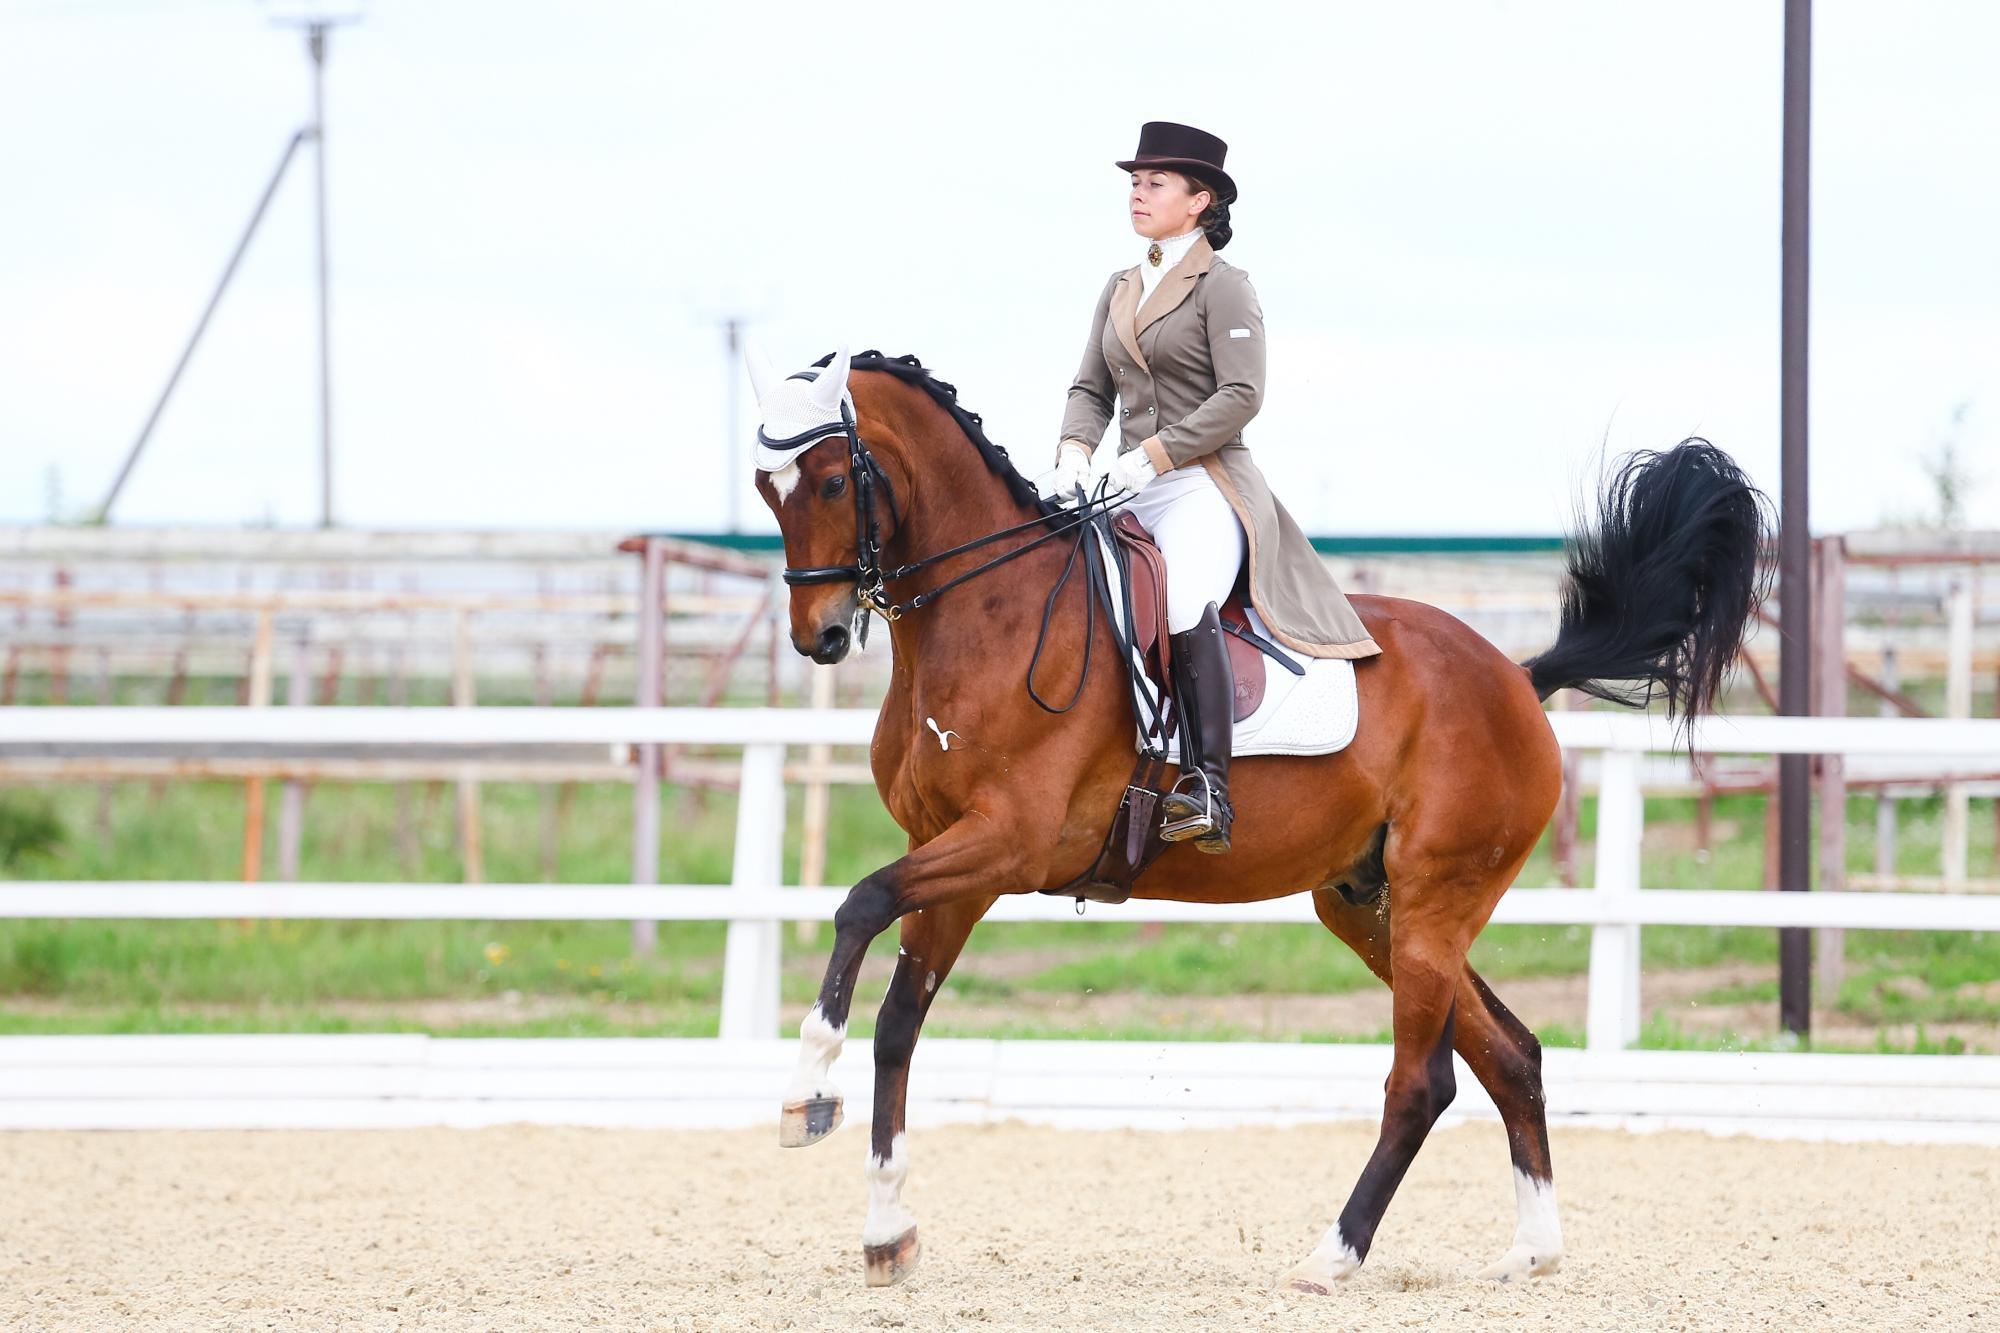 Среднепризный конь в Москве купить 2